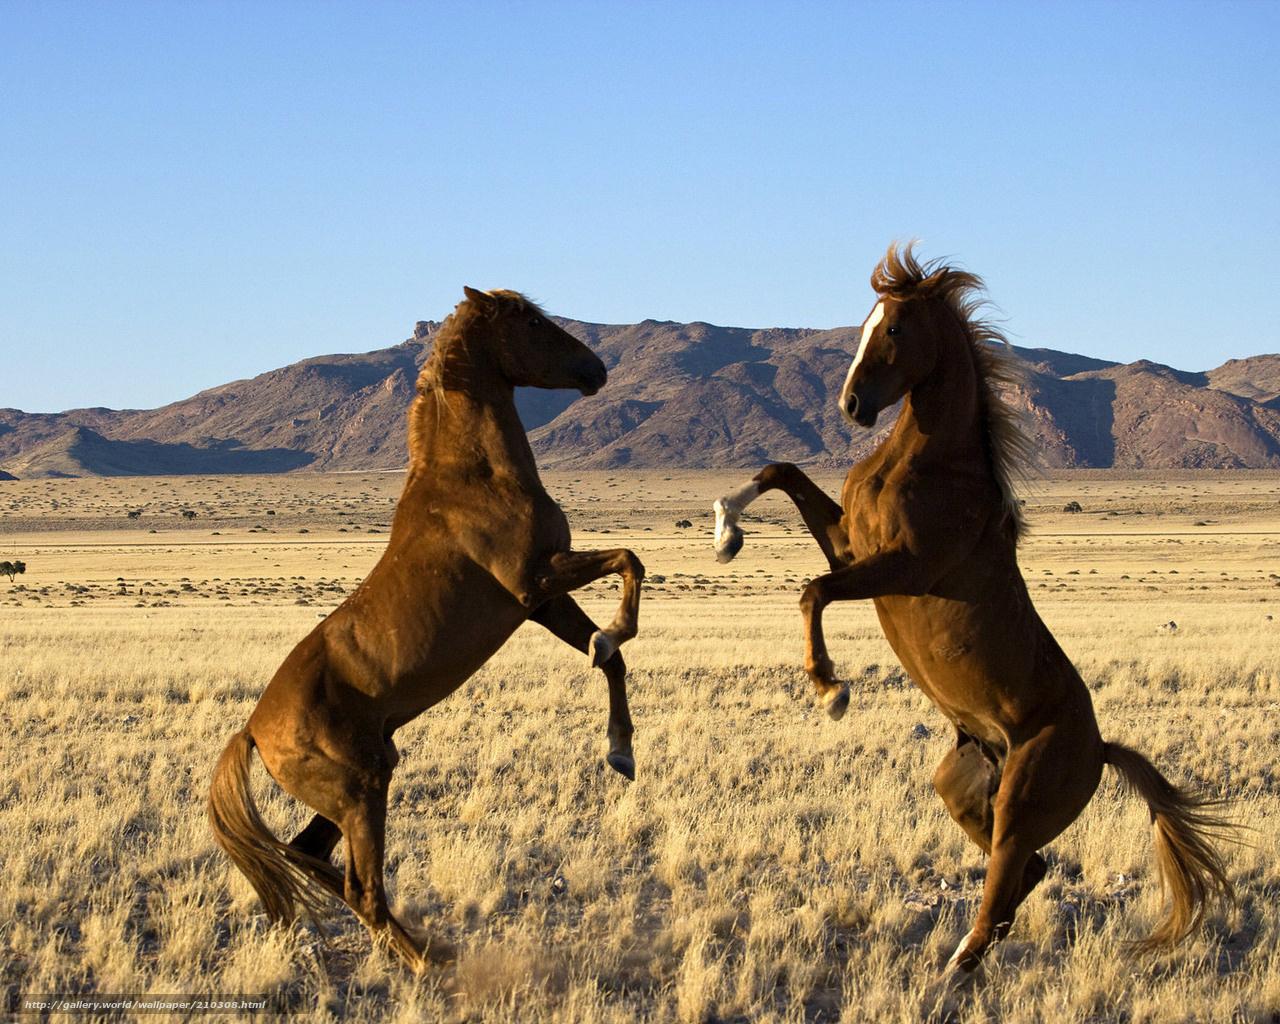 Scaricare gli sfondi cavalli selvaggi steppa erba for Sfondi cavalli gratis